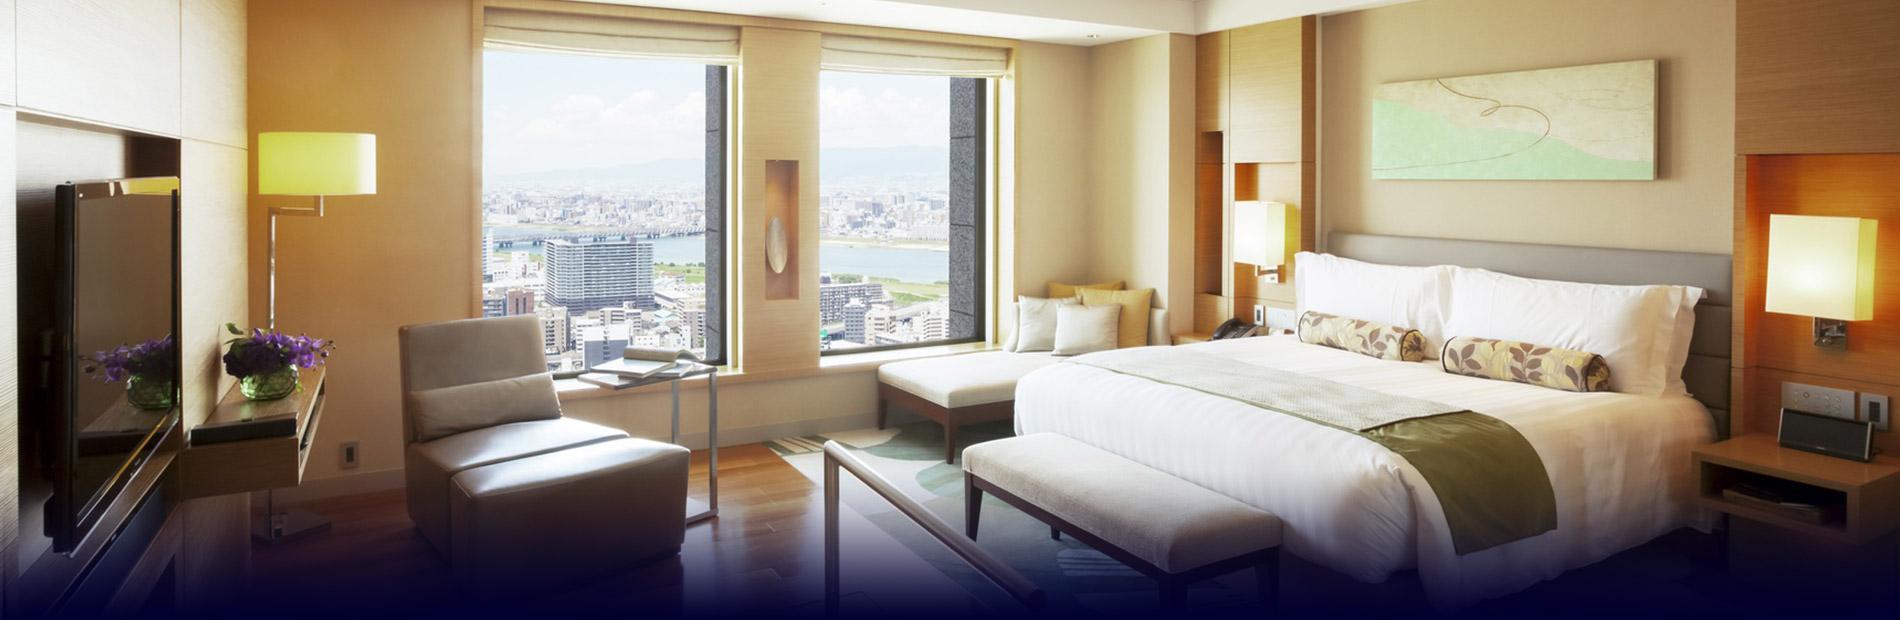 大阪洲際飯店